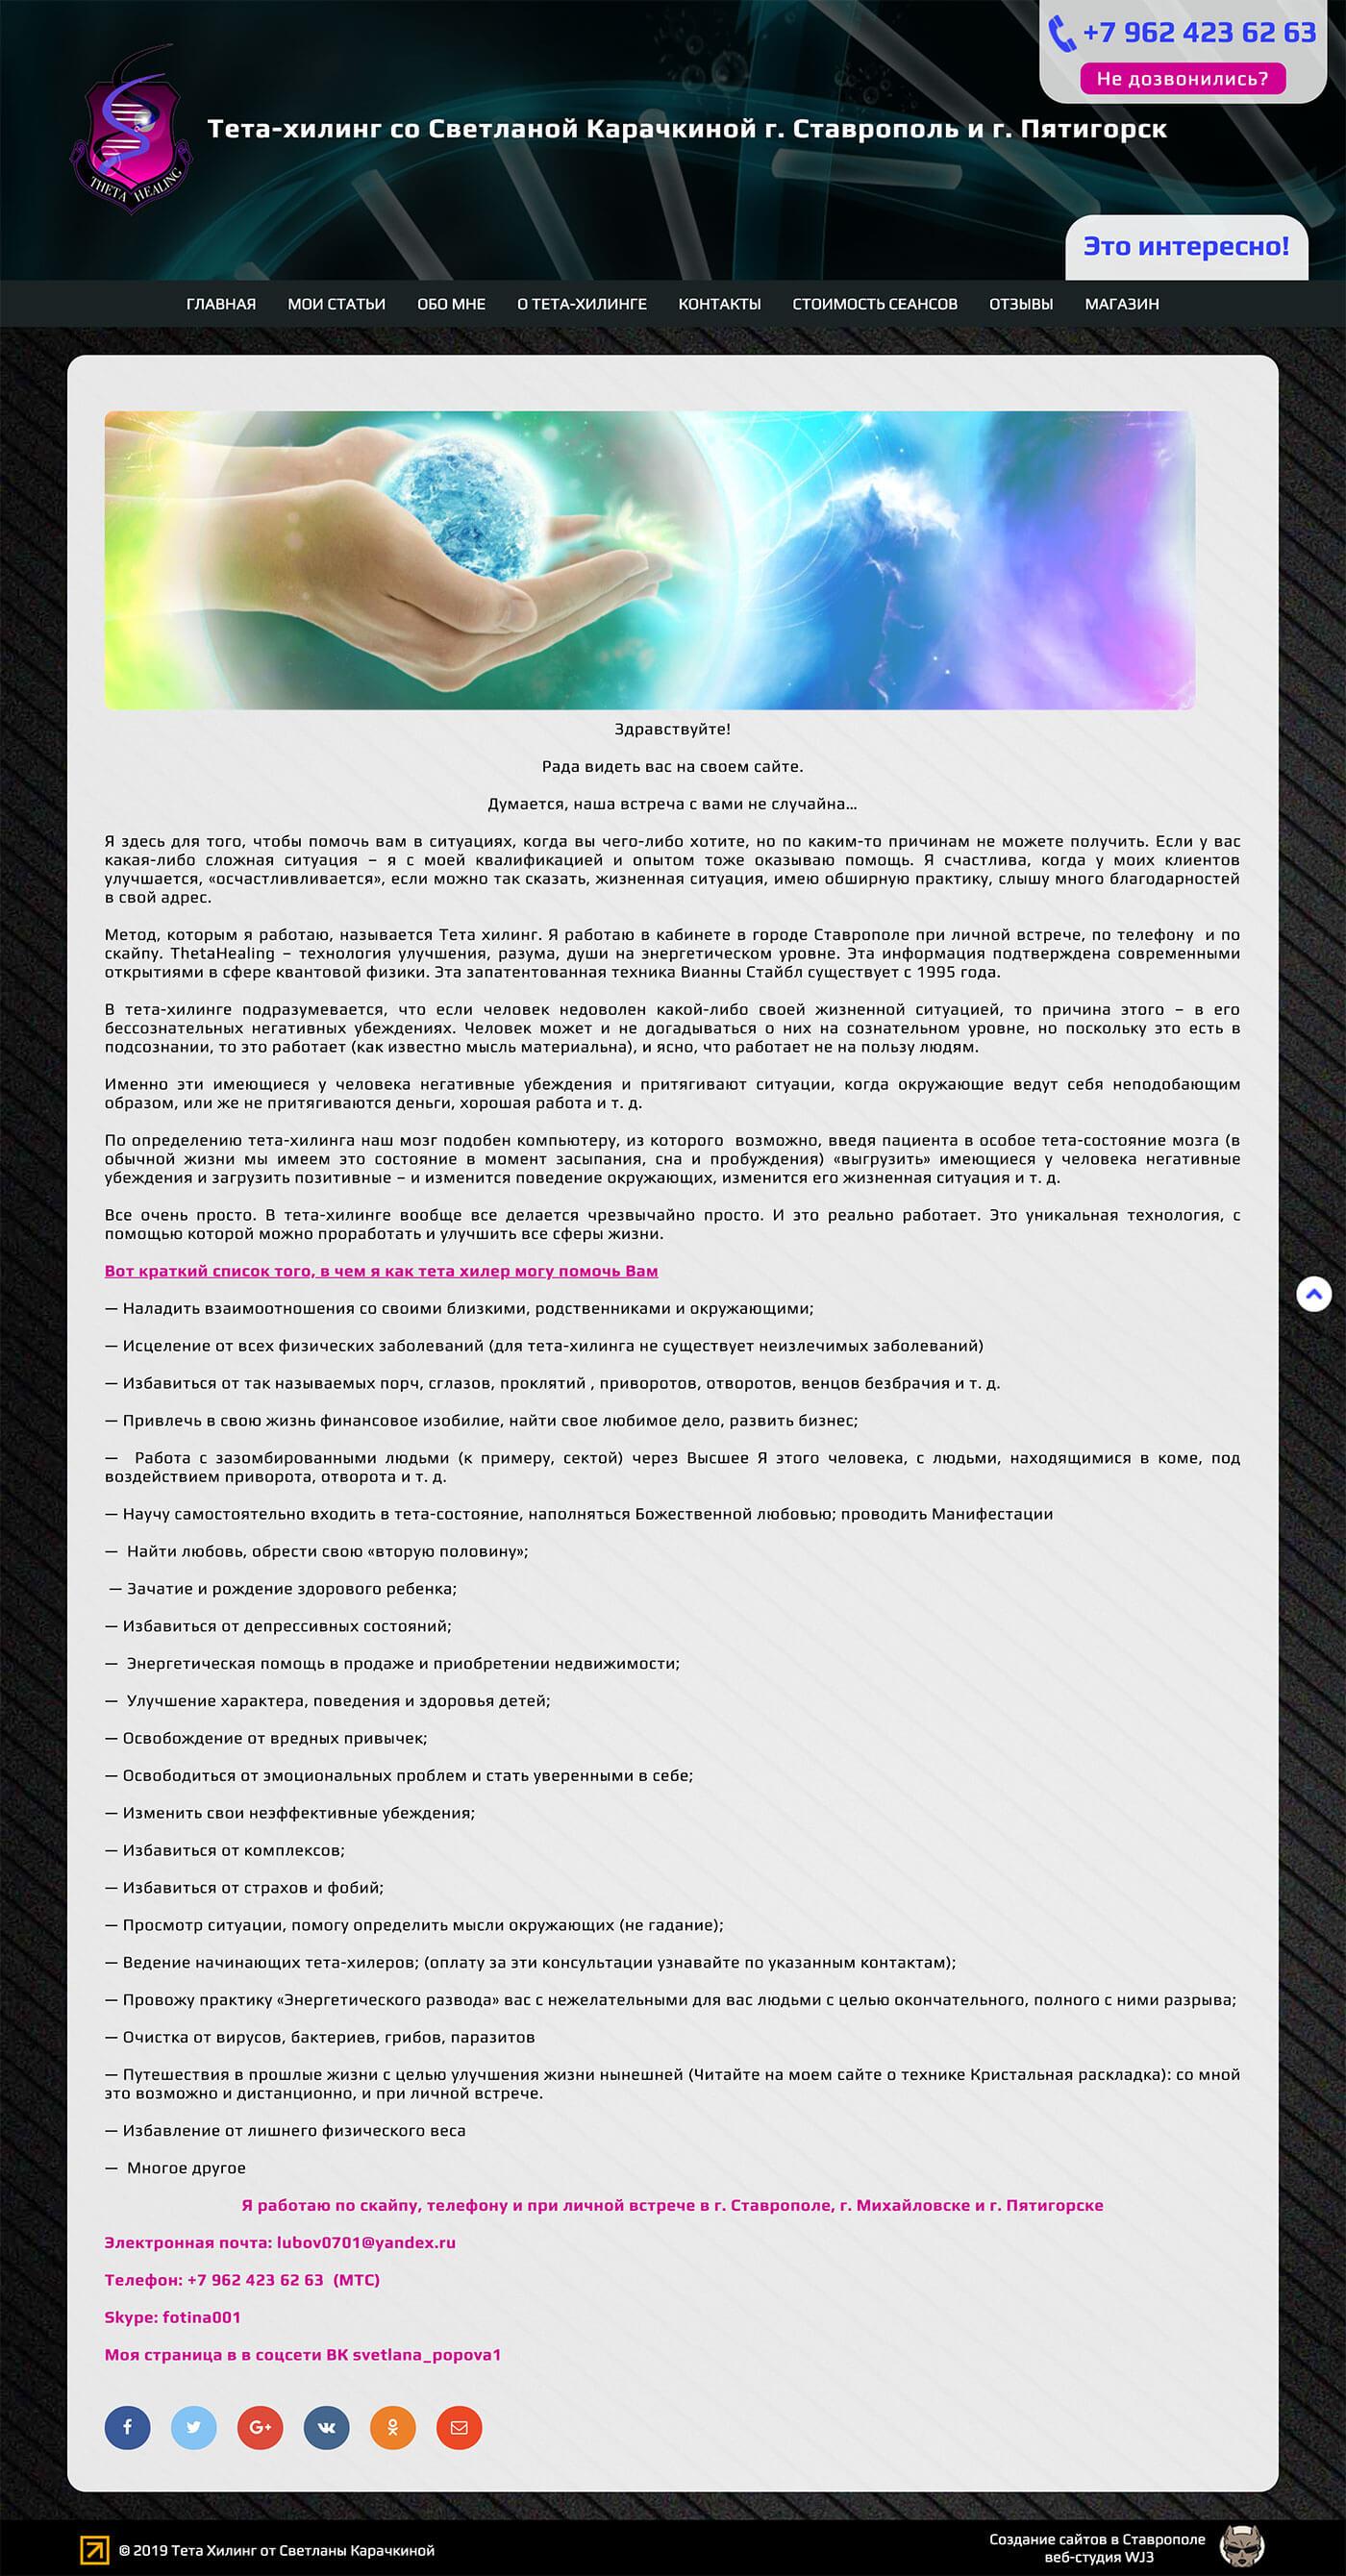 Сайт тета-хилинга со Светланой Карачкиной